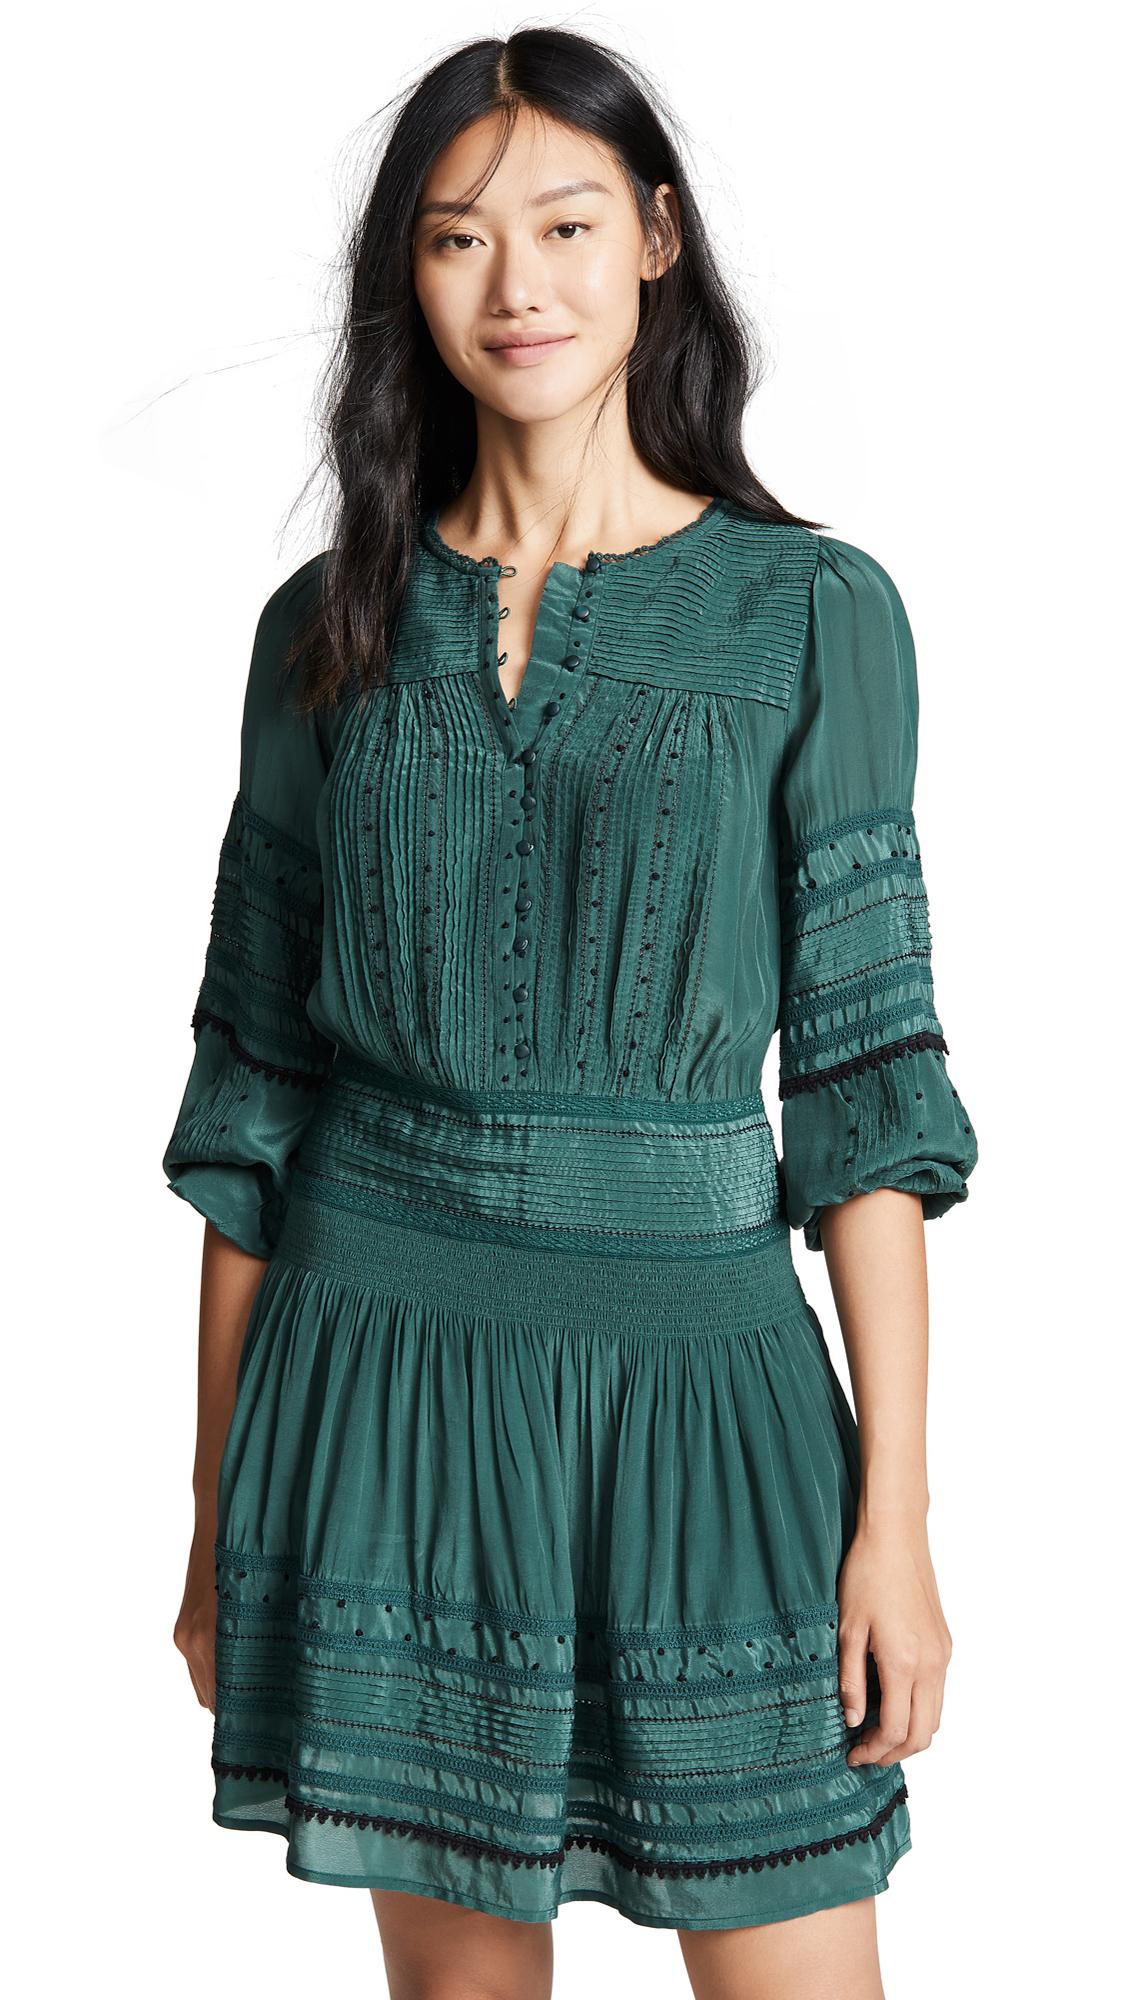 AZZEDINE TUNIC DRESS